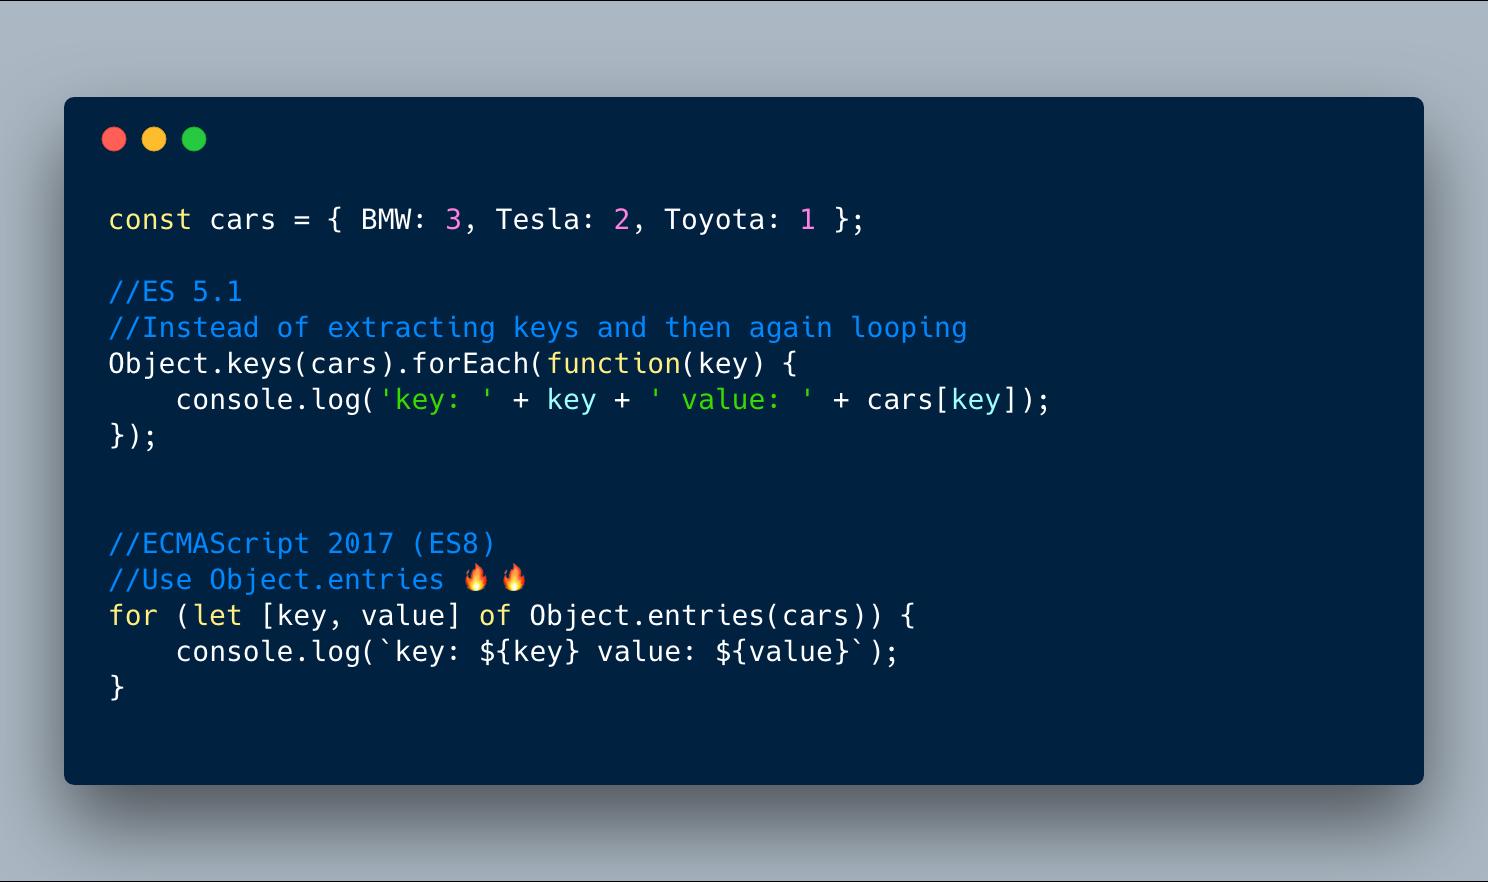 Обзор новшеств ECMAScript 2016, 2017, и 2018 с примерами - 7